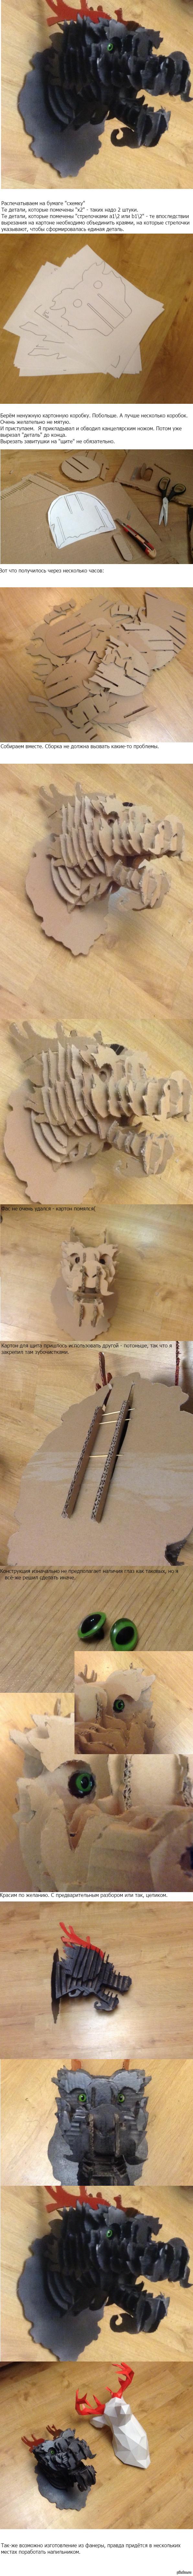 Голова китайского дракона из картона. Ссылка на схему http://zalivalka.ru/197626/paperdragon.pdf